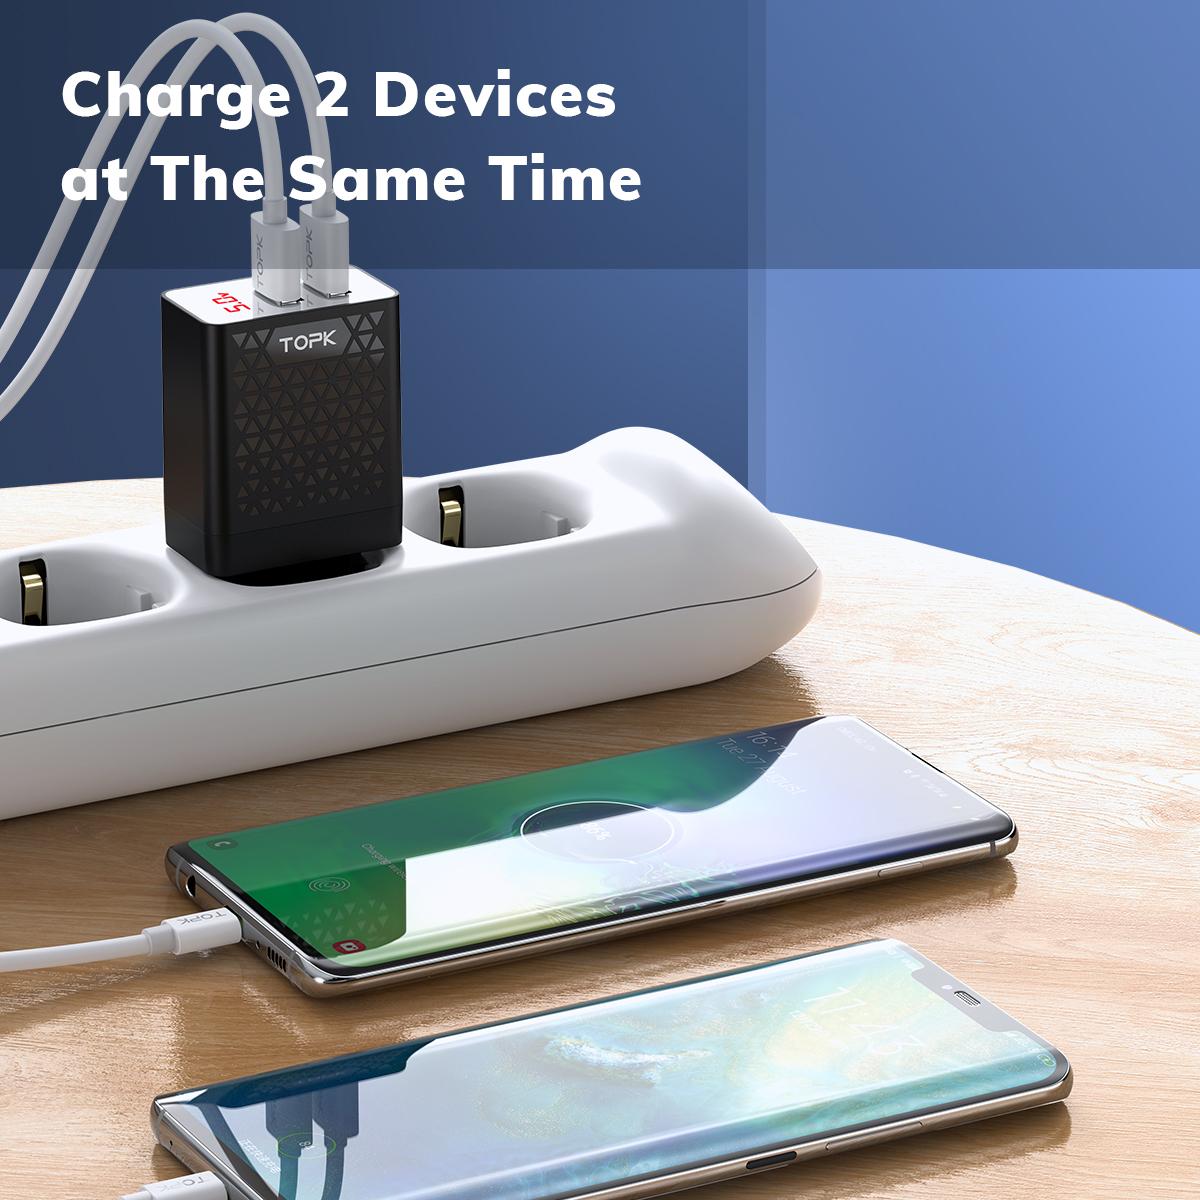 Củ Sạc Nhanh 12W 2xUSB TOPK BS254 Màn hình LED kỹ thuật số có IC chống quá dòng Cho Iphone Samsung Xiaomi Huawei Nokia Oppo - Hàng chính hãng